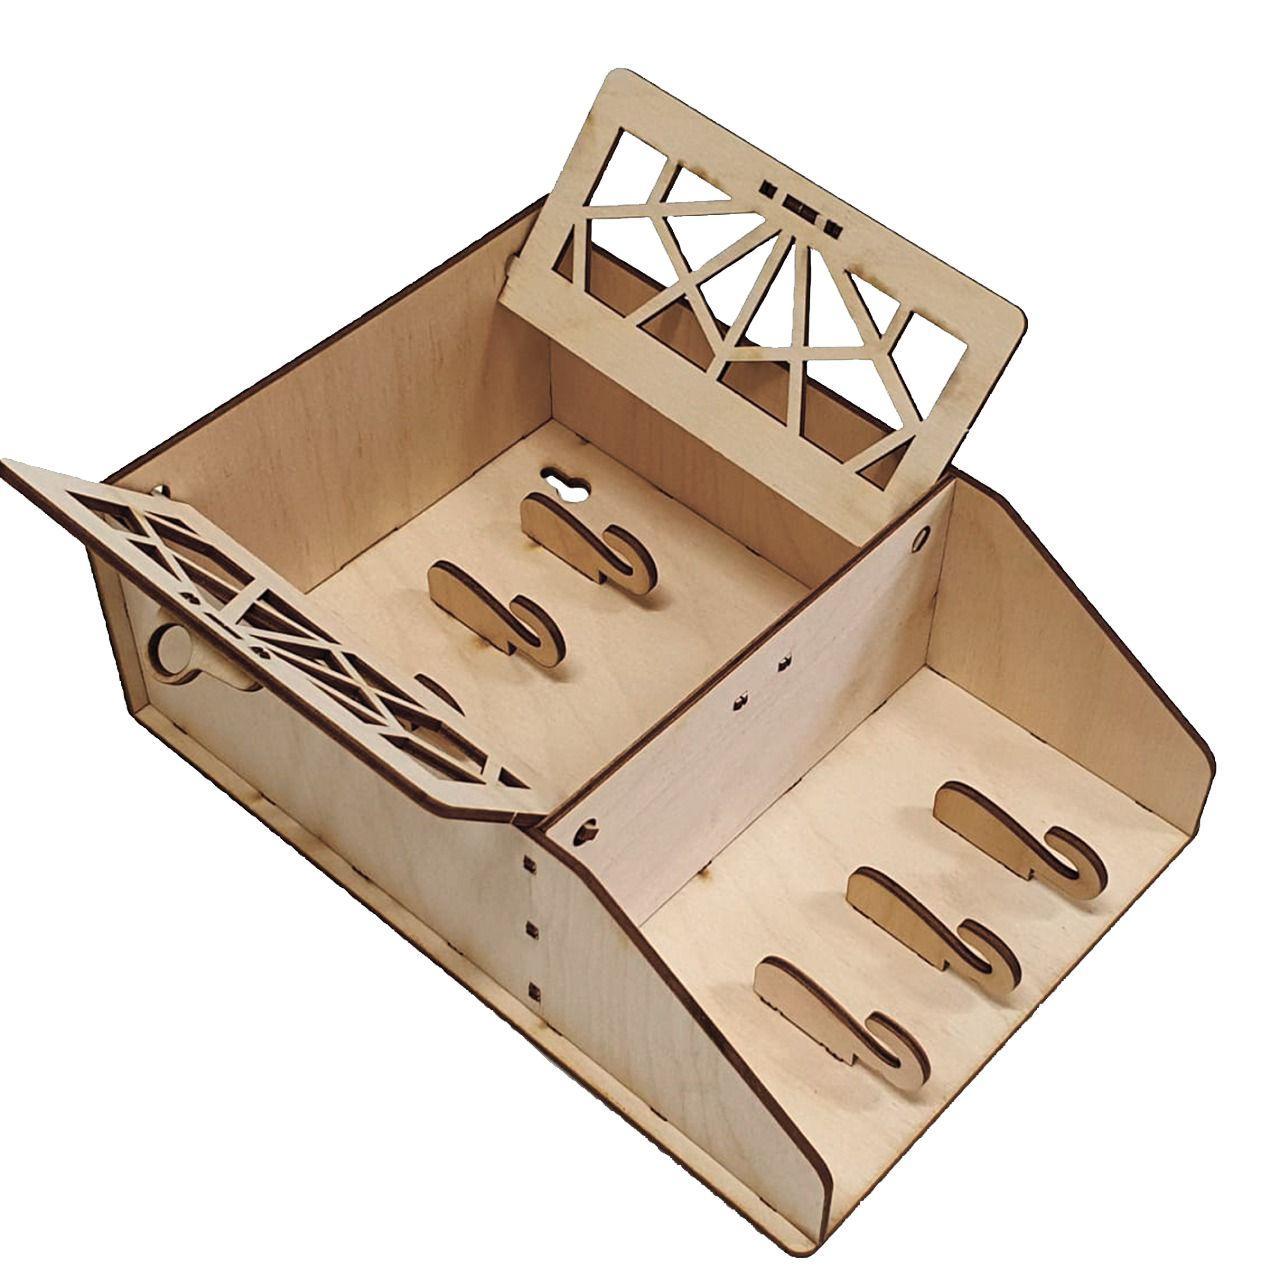 Ключница с дверками из дерева для хранения ключей подарки для друзей - фото 2